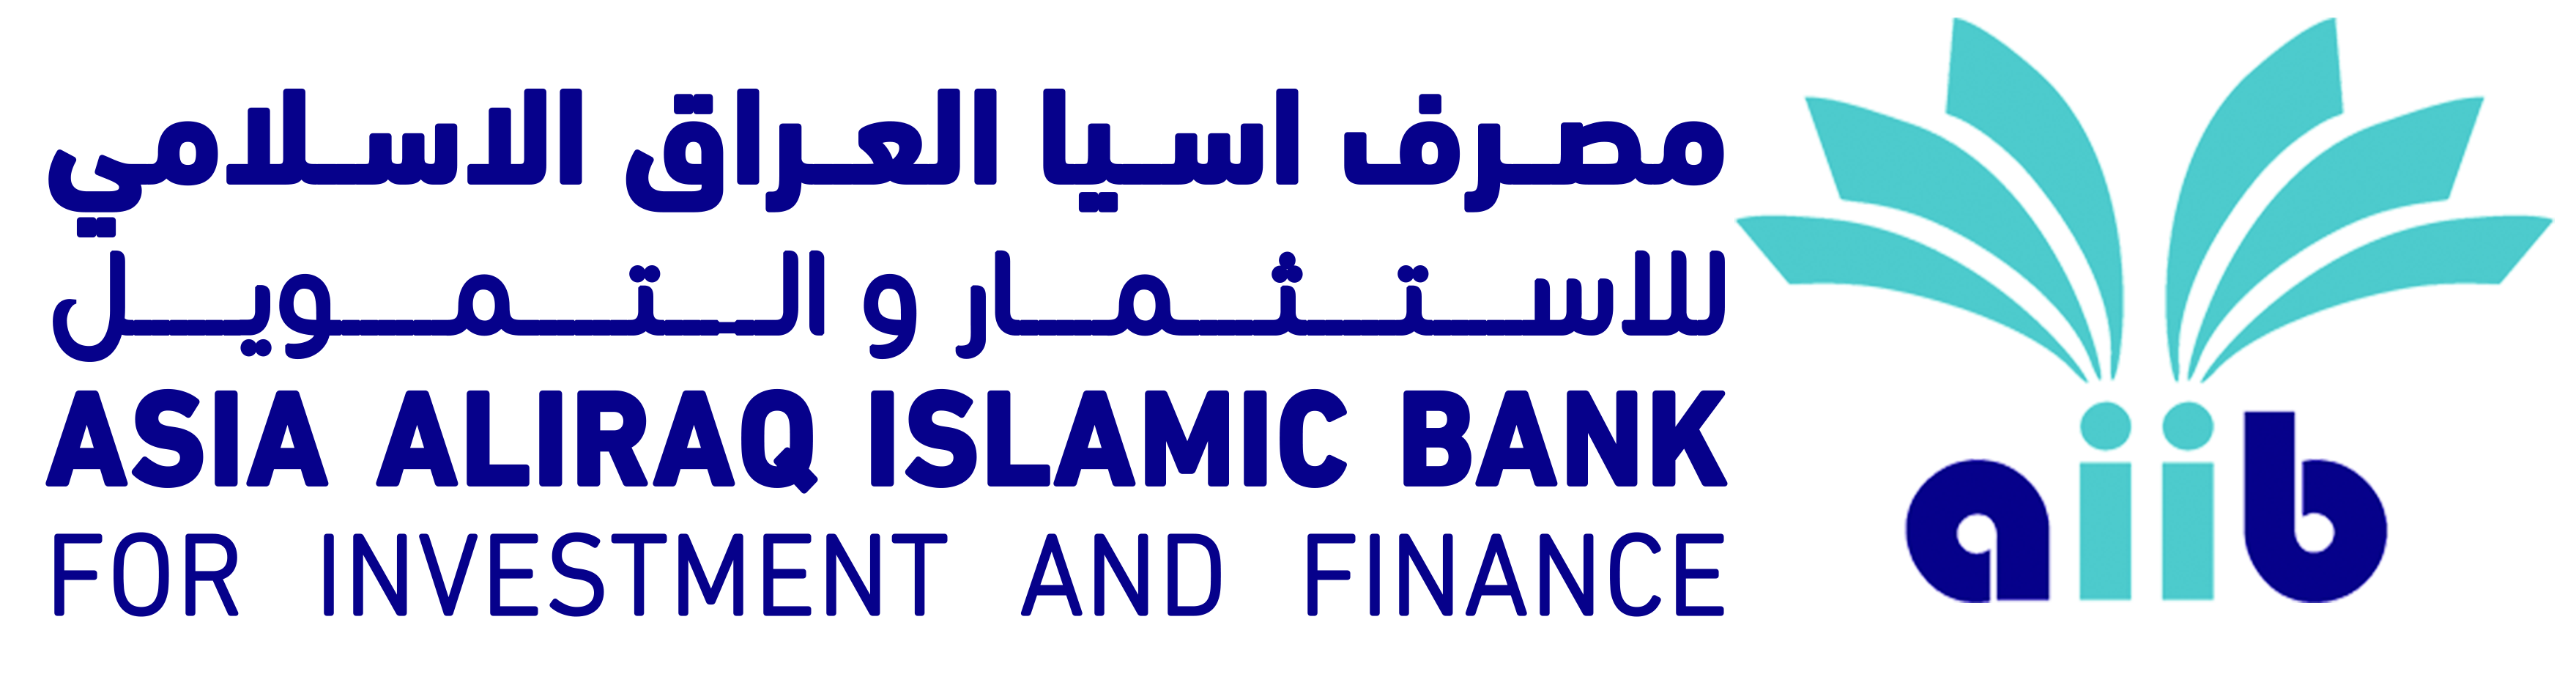 مصرف اسيا العراق الاسلامي – Asia Aliraq Islamic BANK